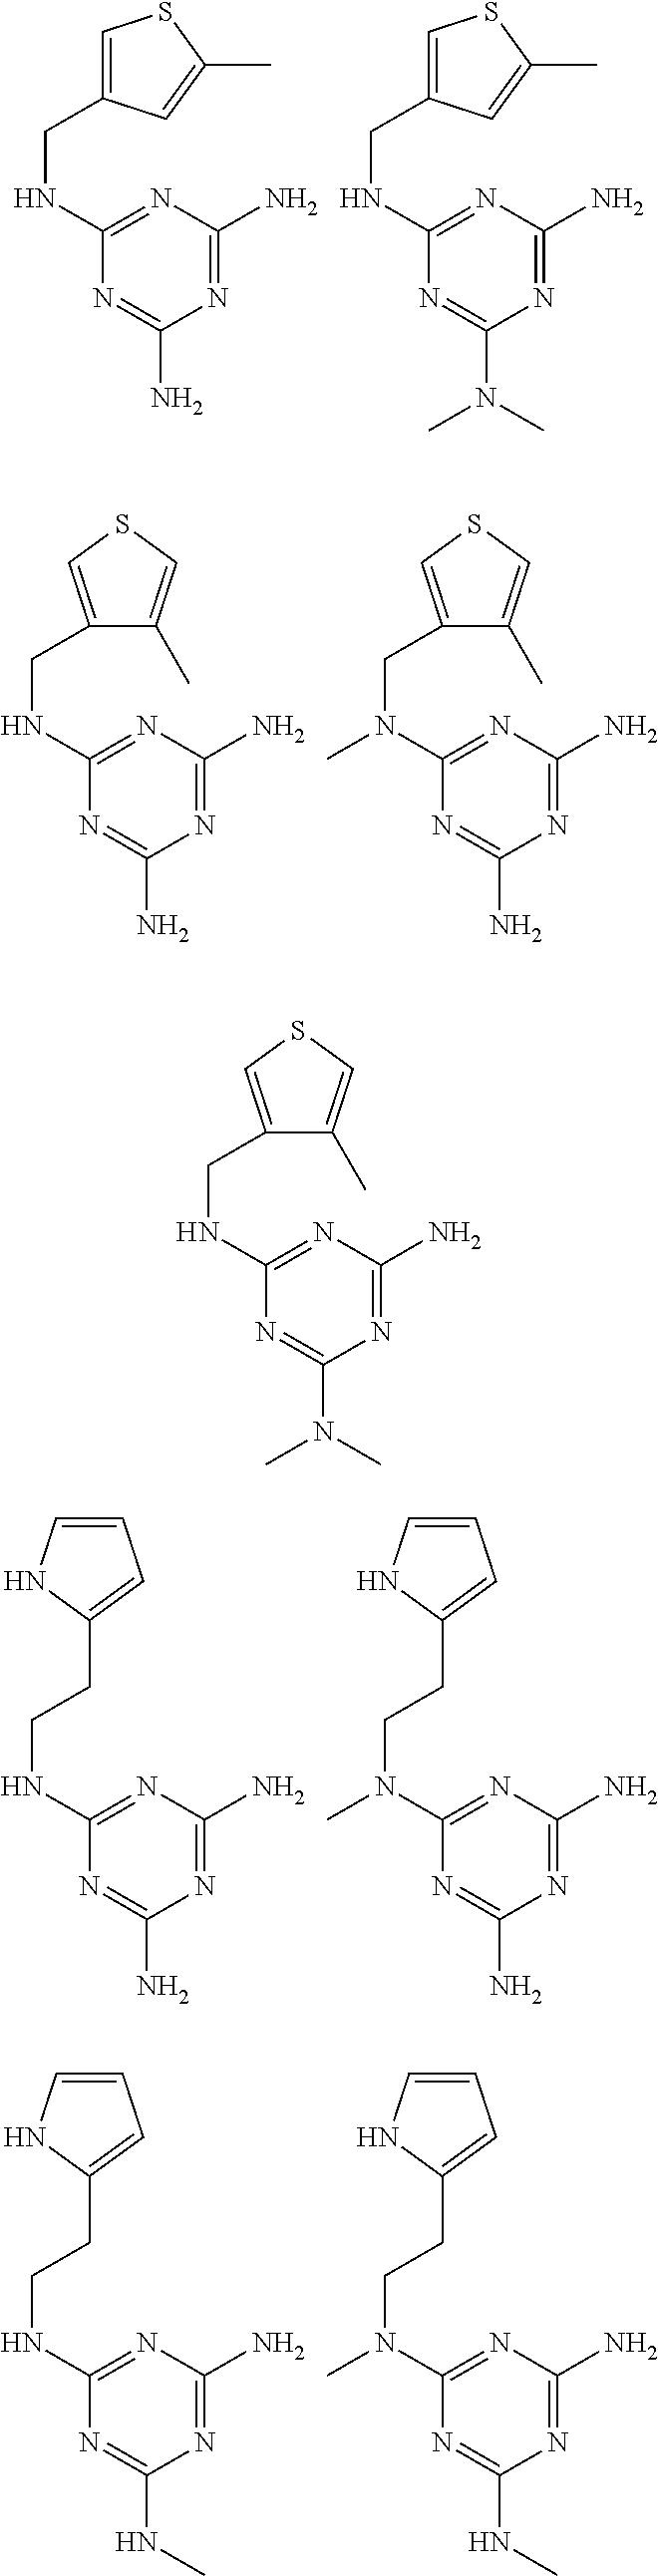 Figure US09480663-20161101-C00138